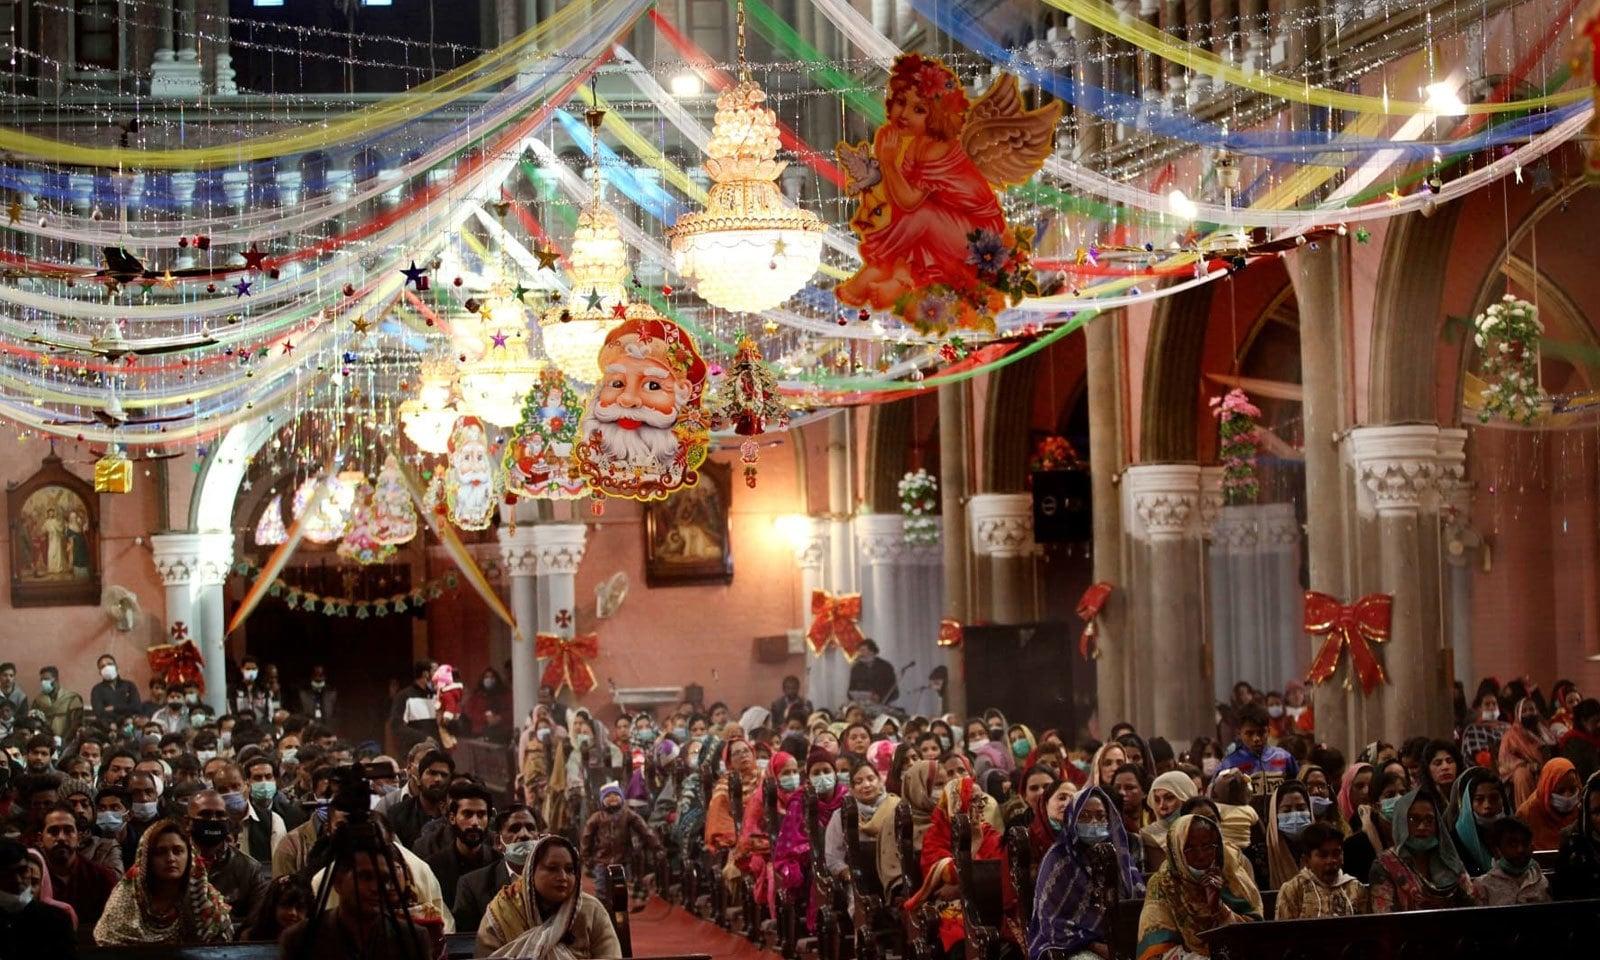 لاہور سمیت ملک بھر میں کرسمس کی دعائیہ تقاریب منعقد ہوئیں — فوٹو: اے پی